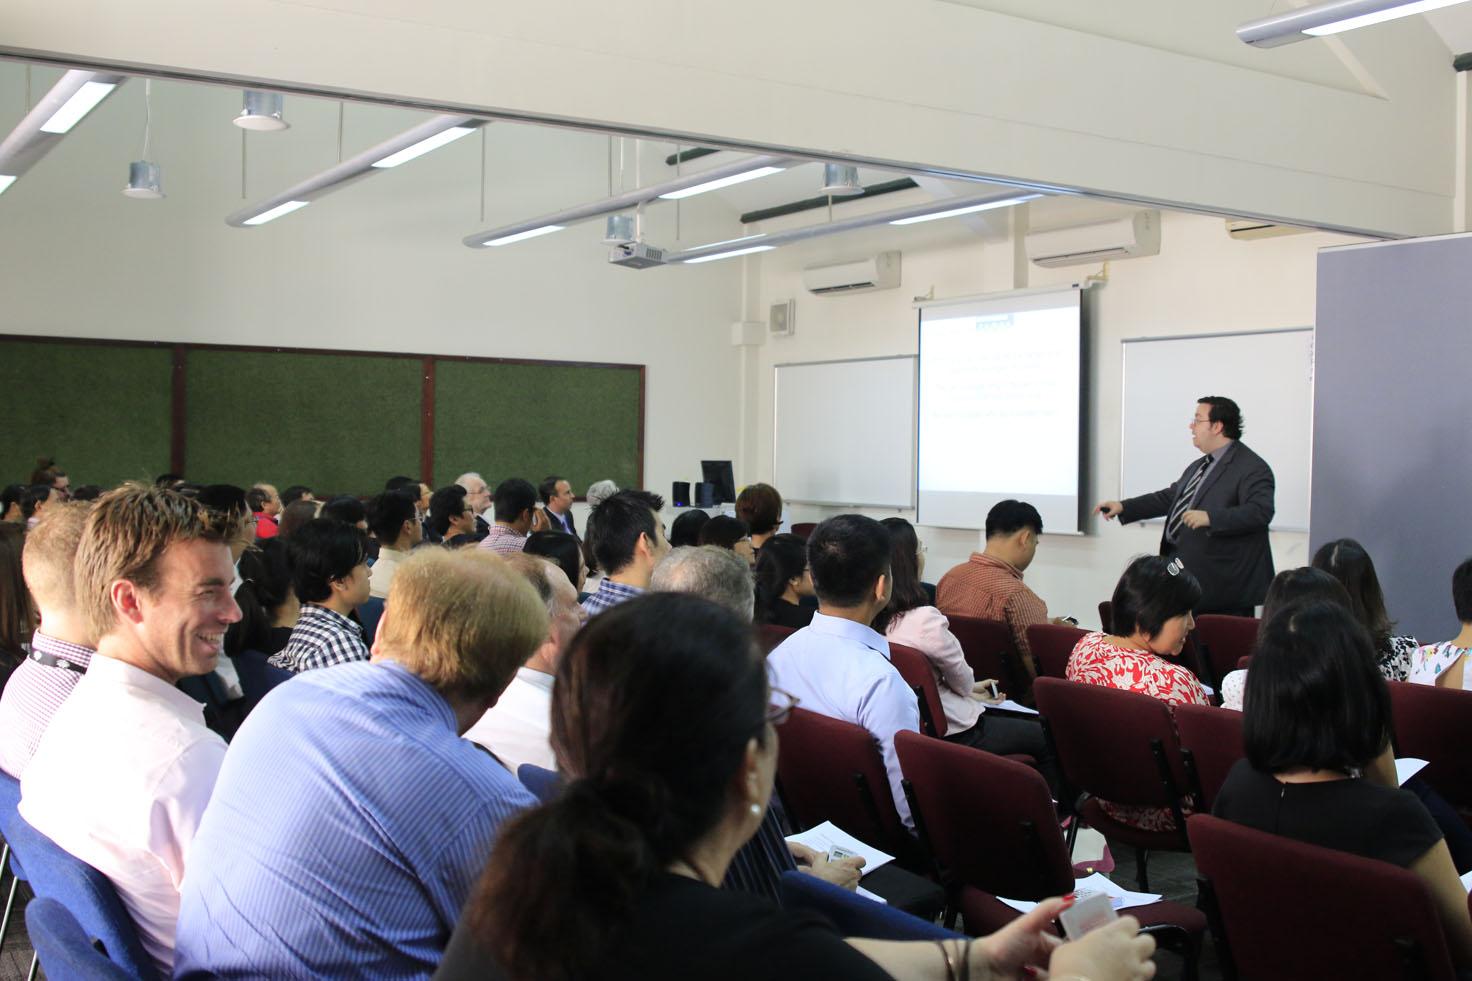 01 - RMIT ra mắt chương trình Phát triển Cấp Quản lý